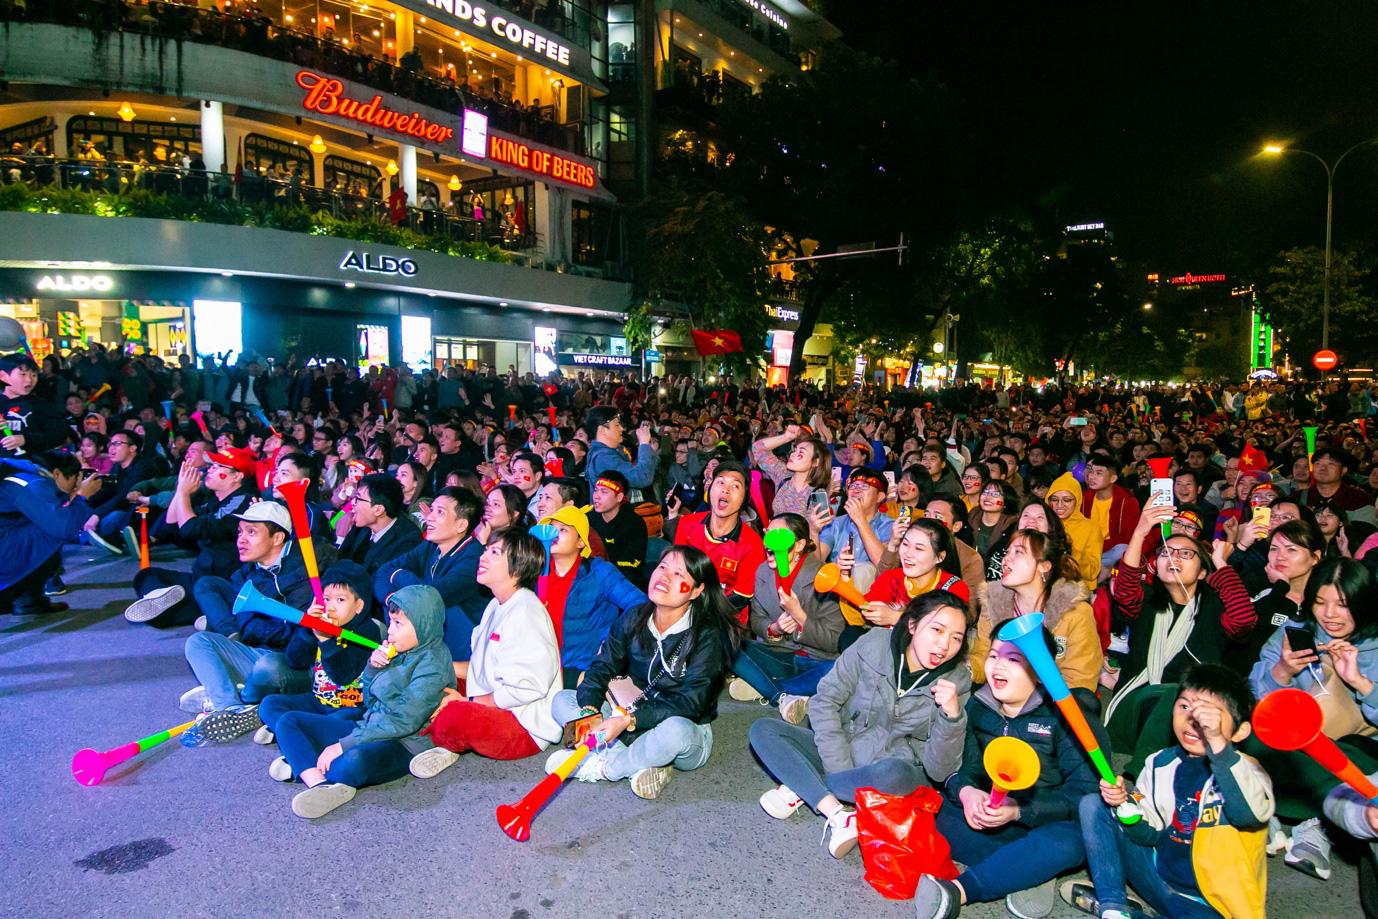 Tối nay, Hà Nội mở đại tiệc bóng đá trước Nhà hát Lớn, chờ U22 bất bại rinh vàng lịch sử! - Ảnh 7.